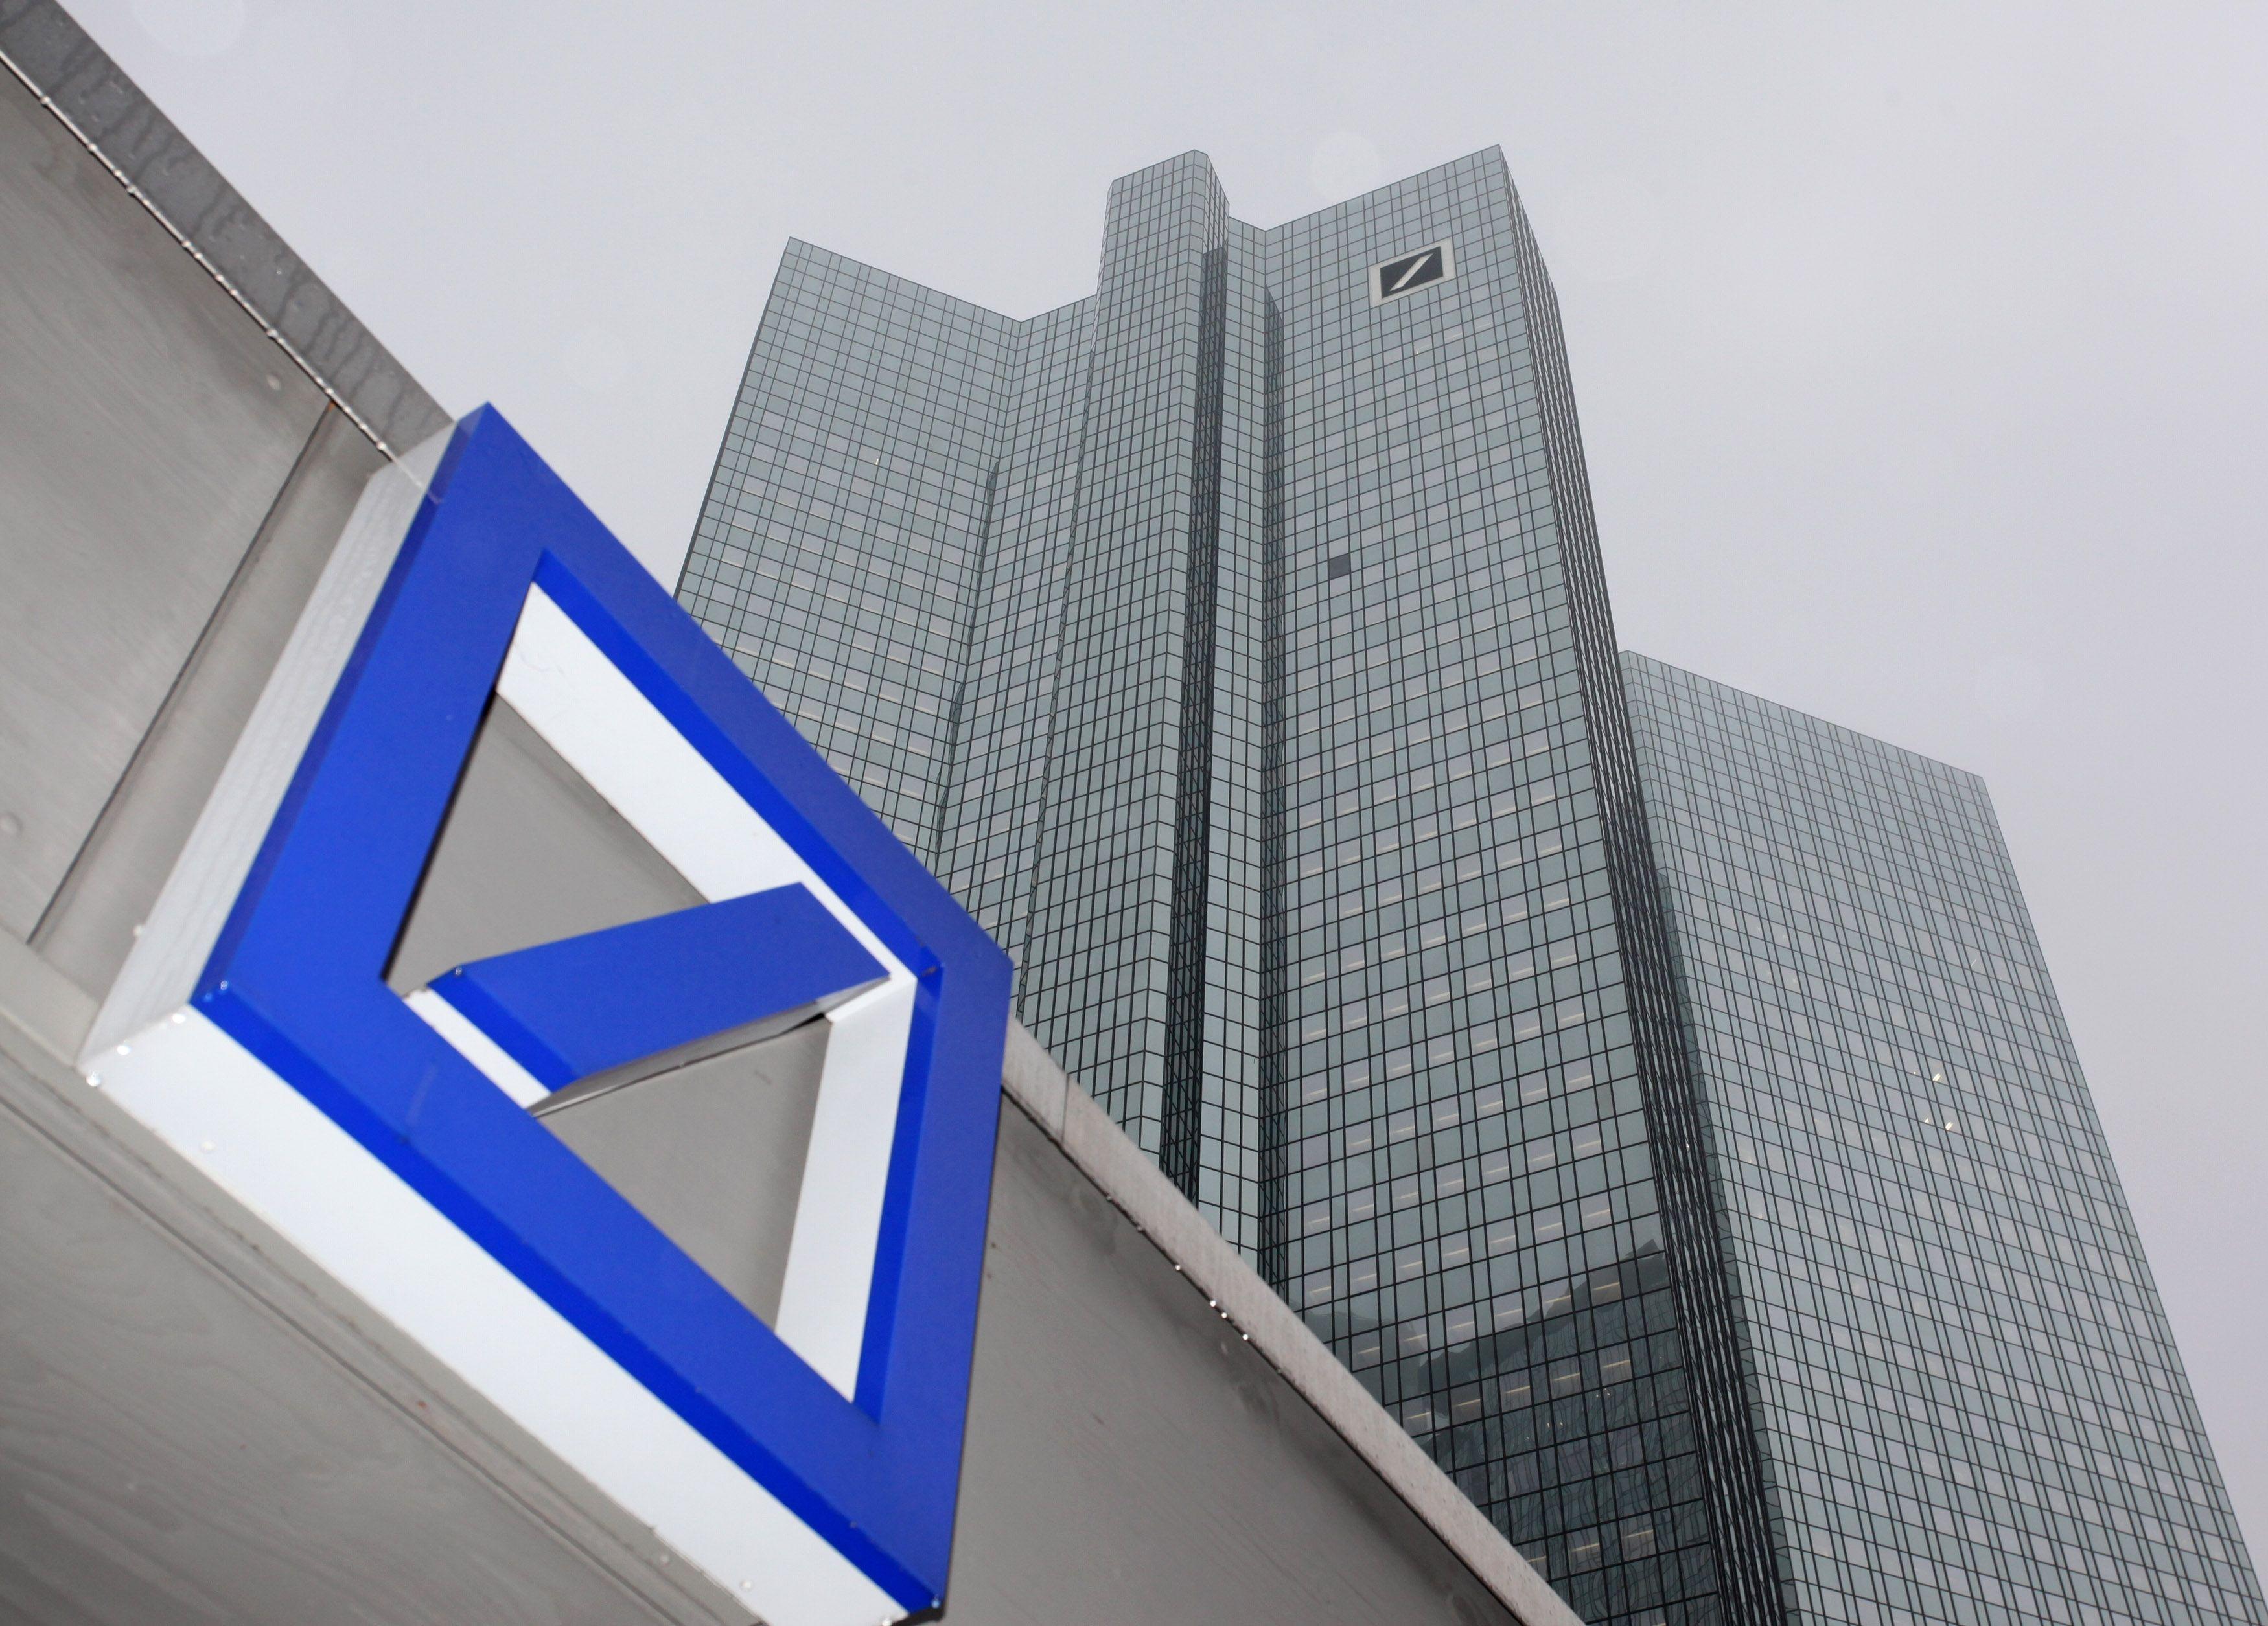 La Deutsche Bank, bombe financière à retardement